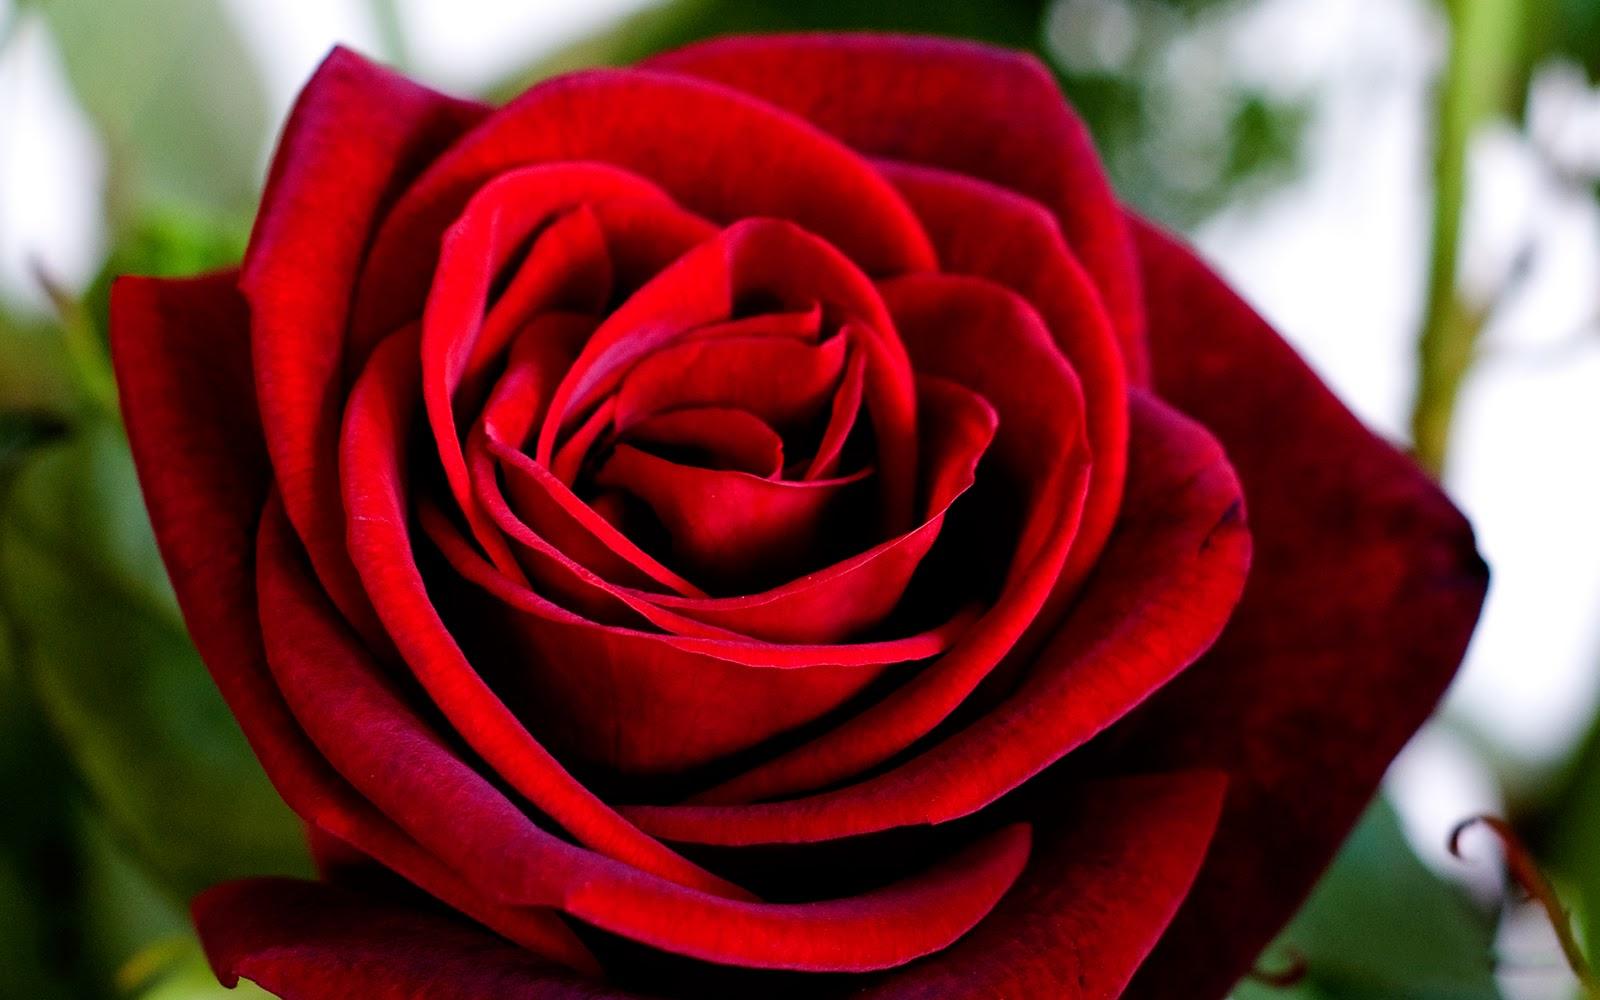 http://1.bp.blogspot.com/-VHRHSp-laaQ/Tu4-axtJmDI/AAAAAAAADng/tf8AIbuxlvM/s1600/lovely+red+rose+wallpaper+7-www.wallpaperjug.blogspot.com.jpg